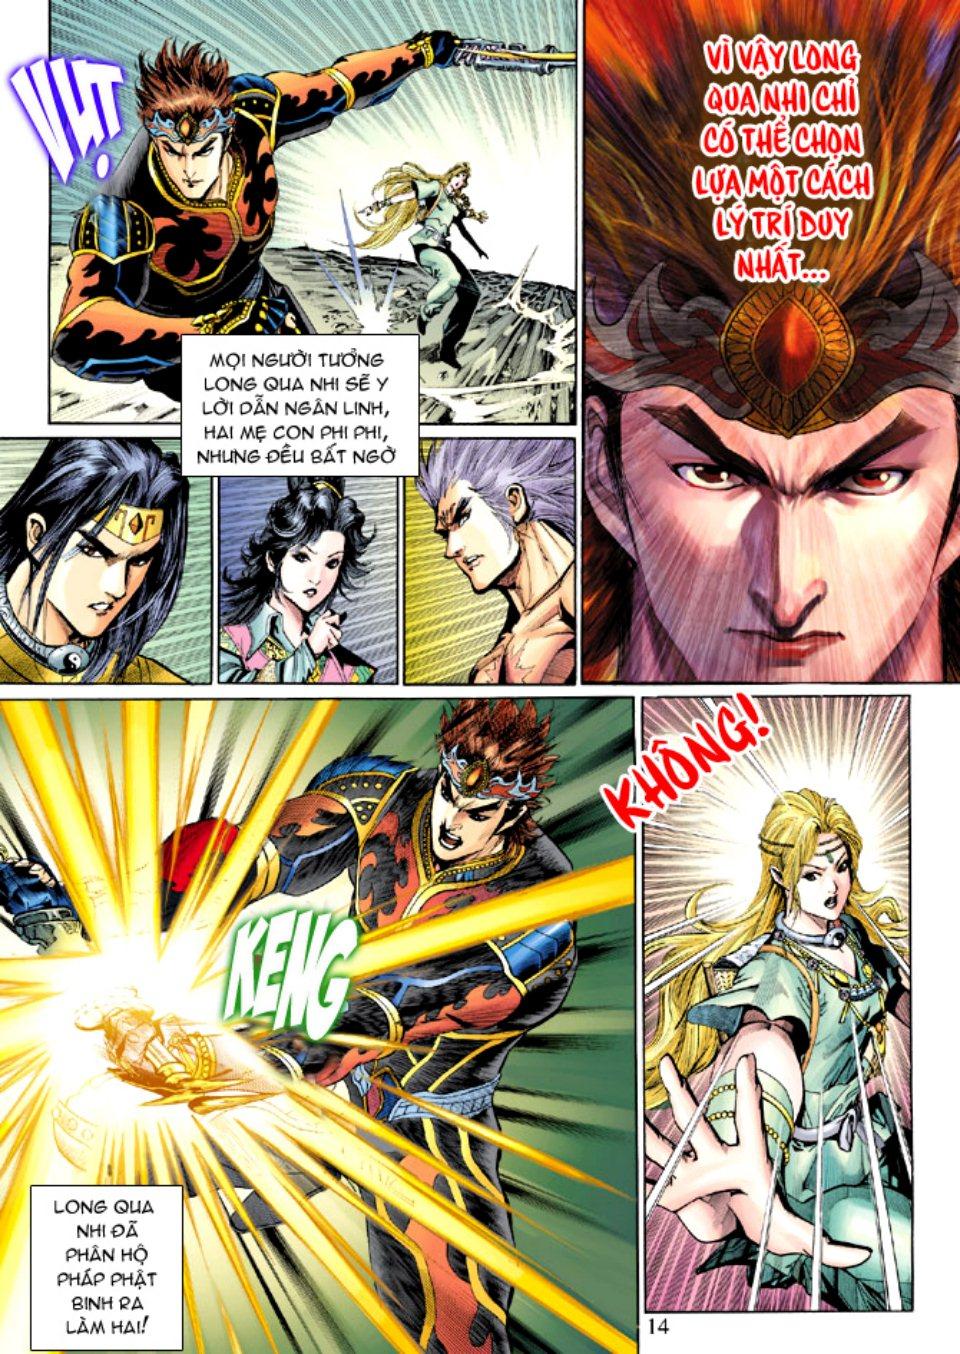 Thiên Tử Truyền Kỳ 5 - Như Lai Thần Chưởng chap 212 - Trang 14